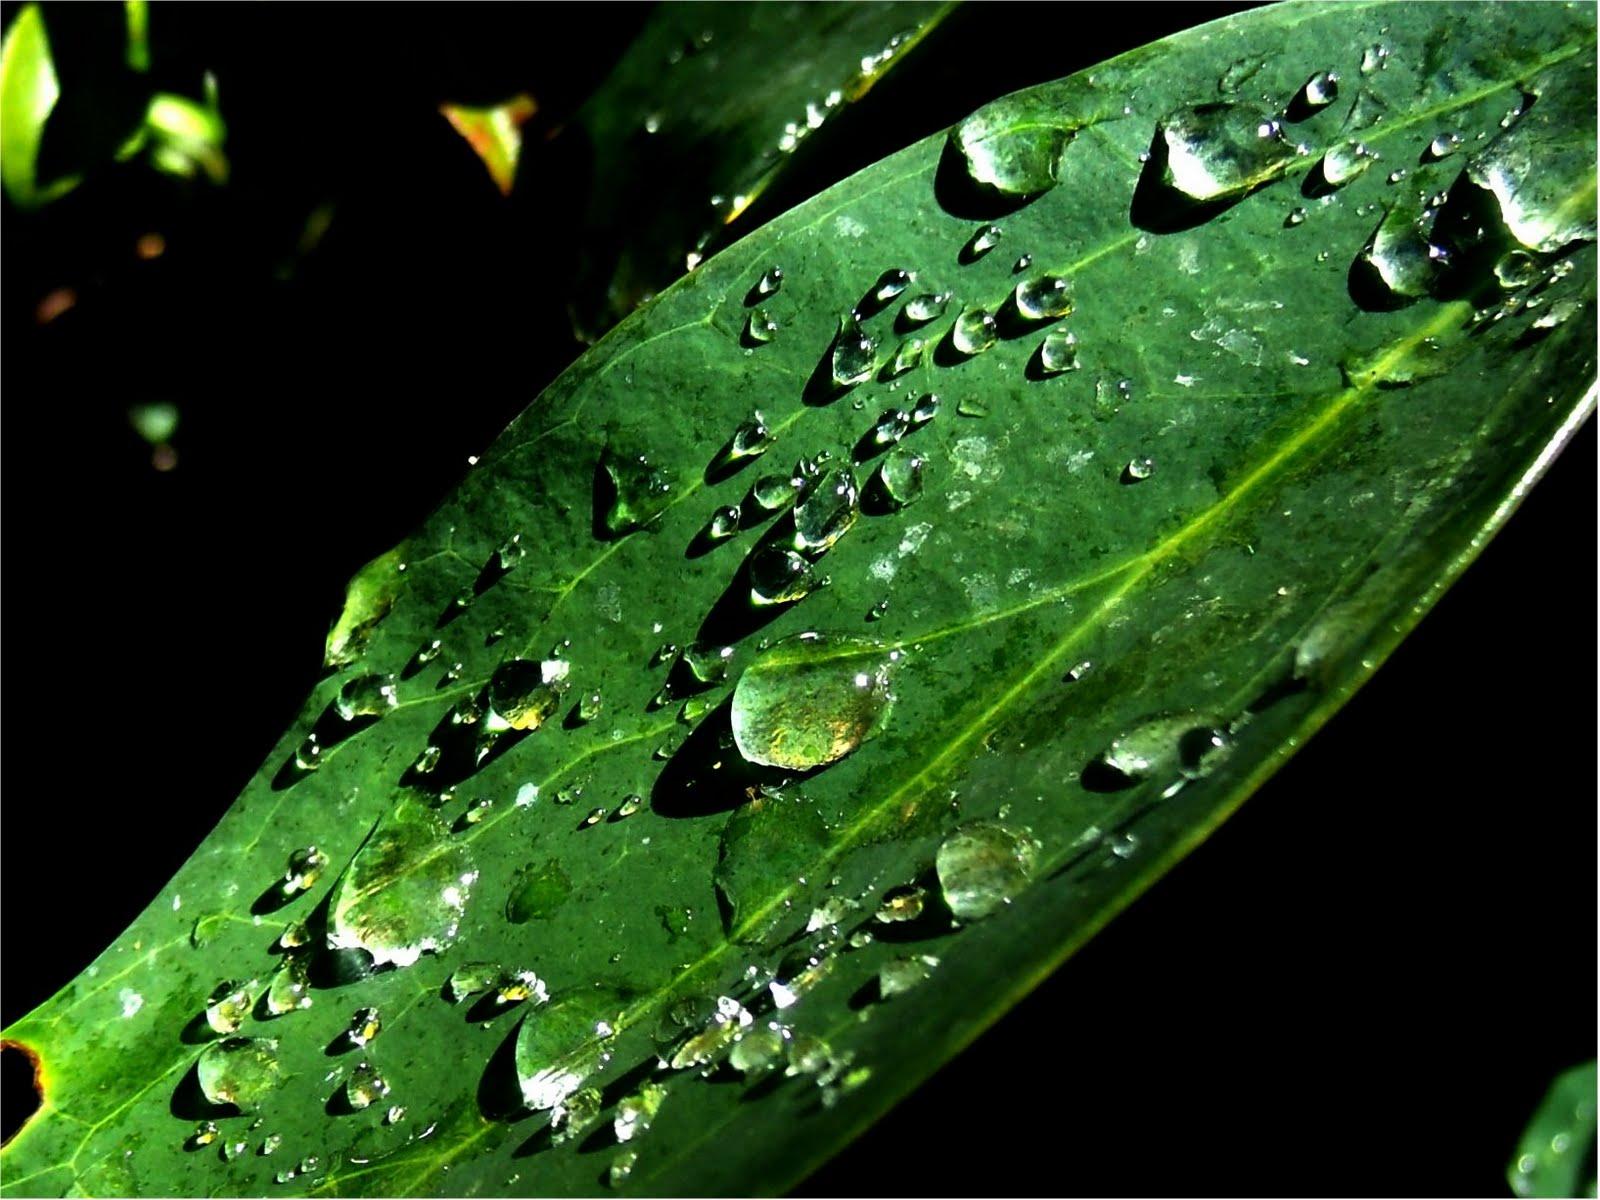 Dew drop on the leaf wallpaper | Wallpaper Wide HD